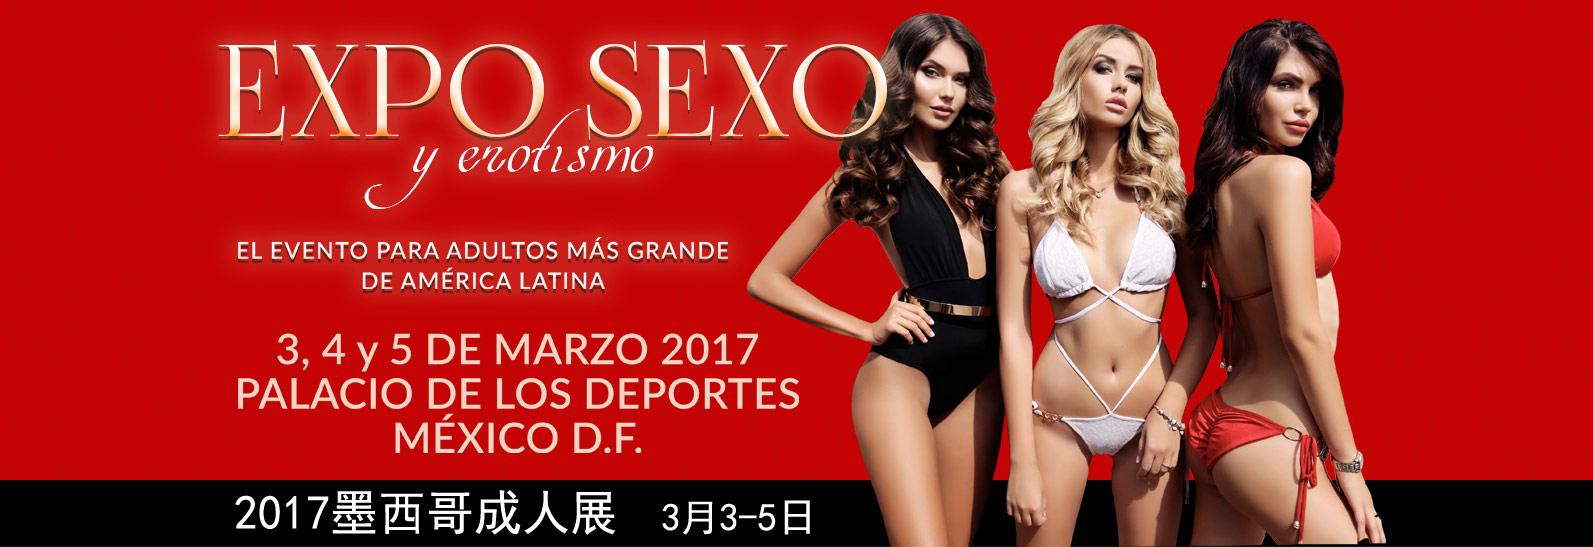 2017墨西哥成人展expoSexo横幅banner